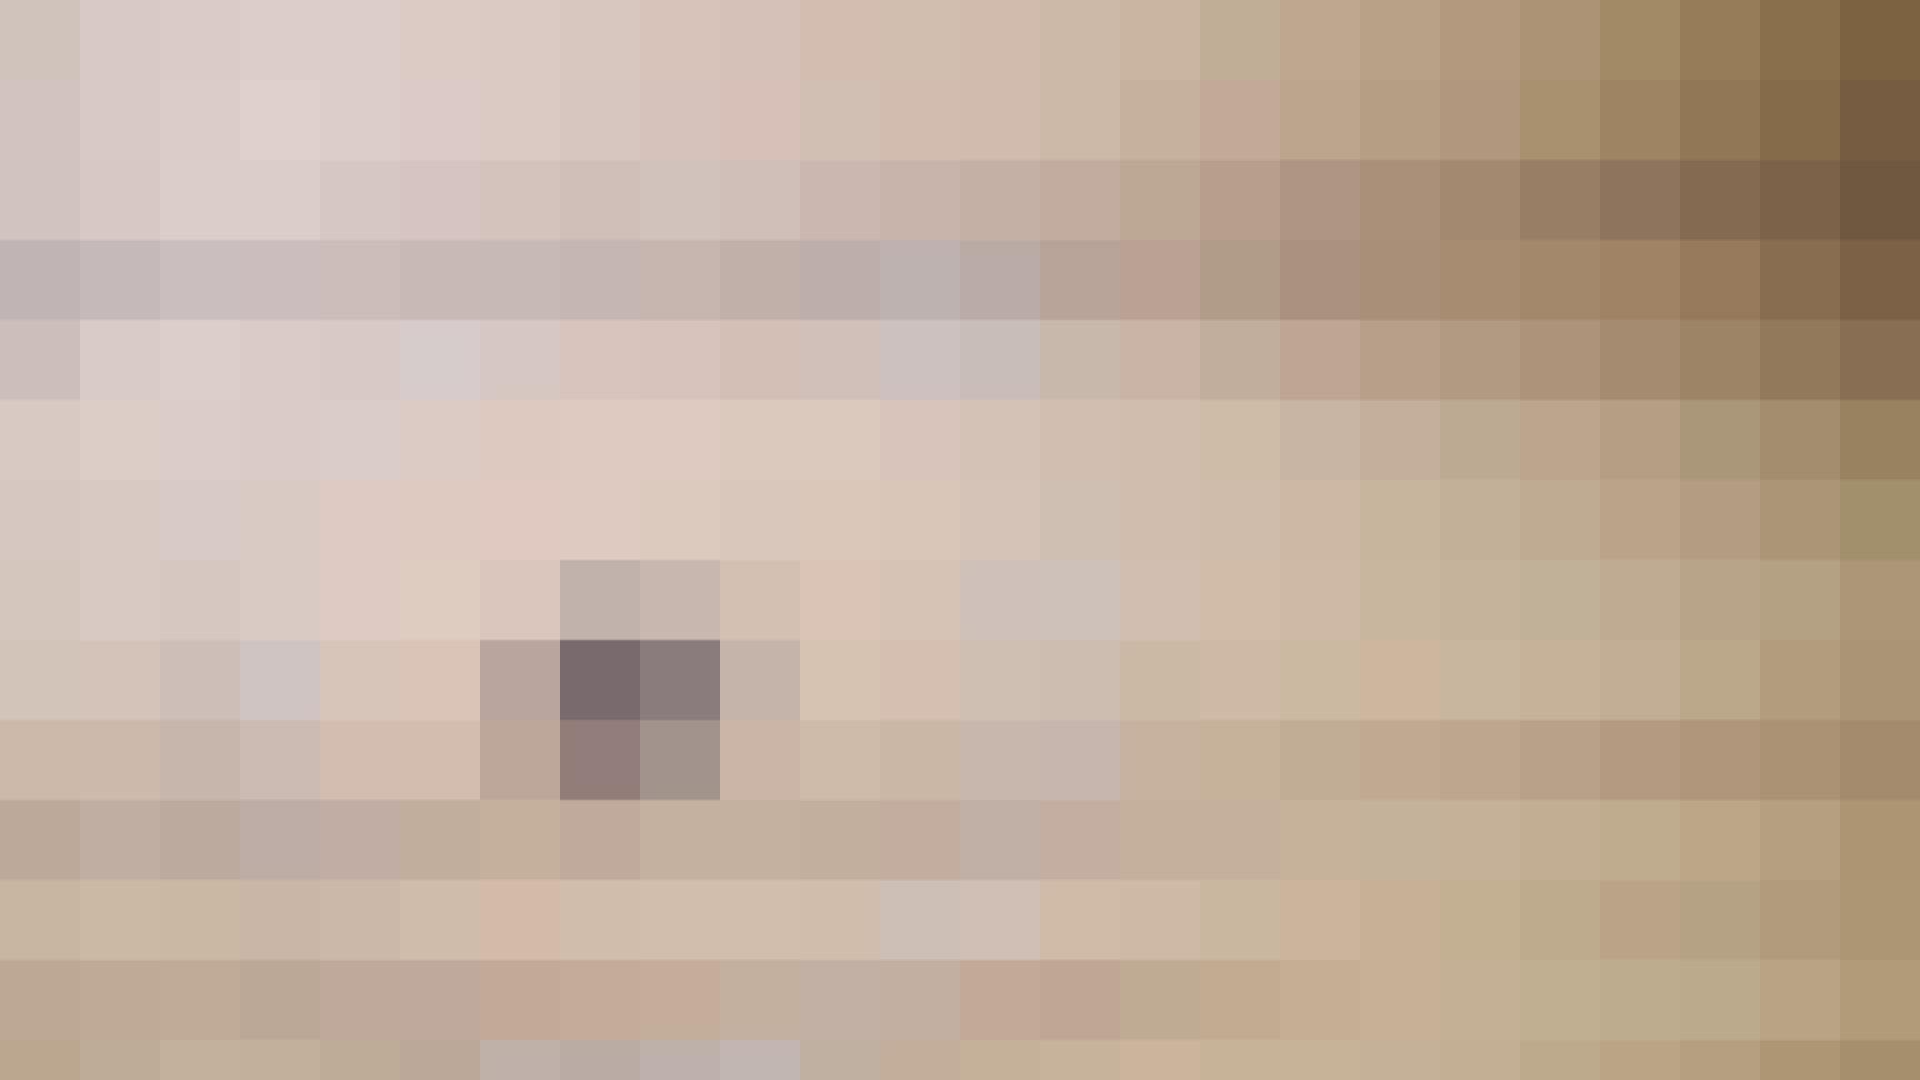 阿国ちゃんの「和式洋式七変化」No.16 高画質 濡れ場動画紹介 102枚 92